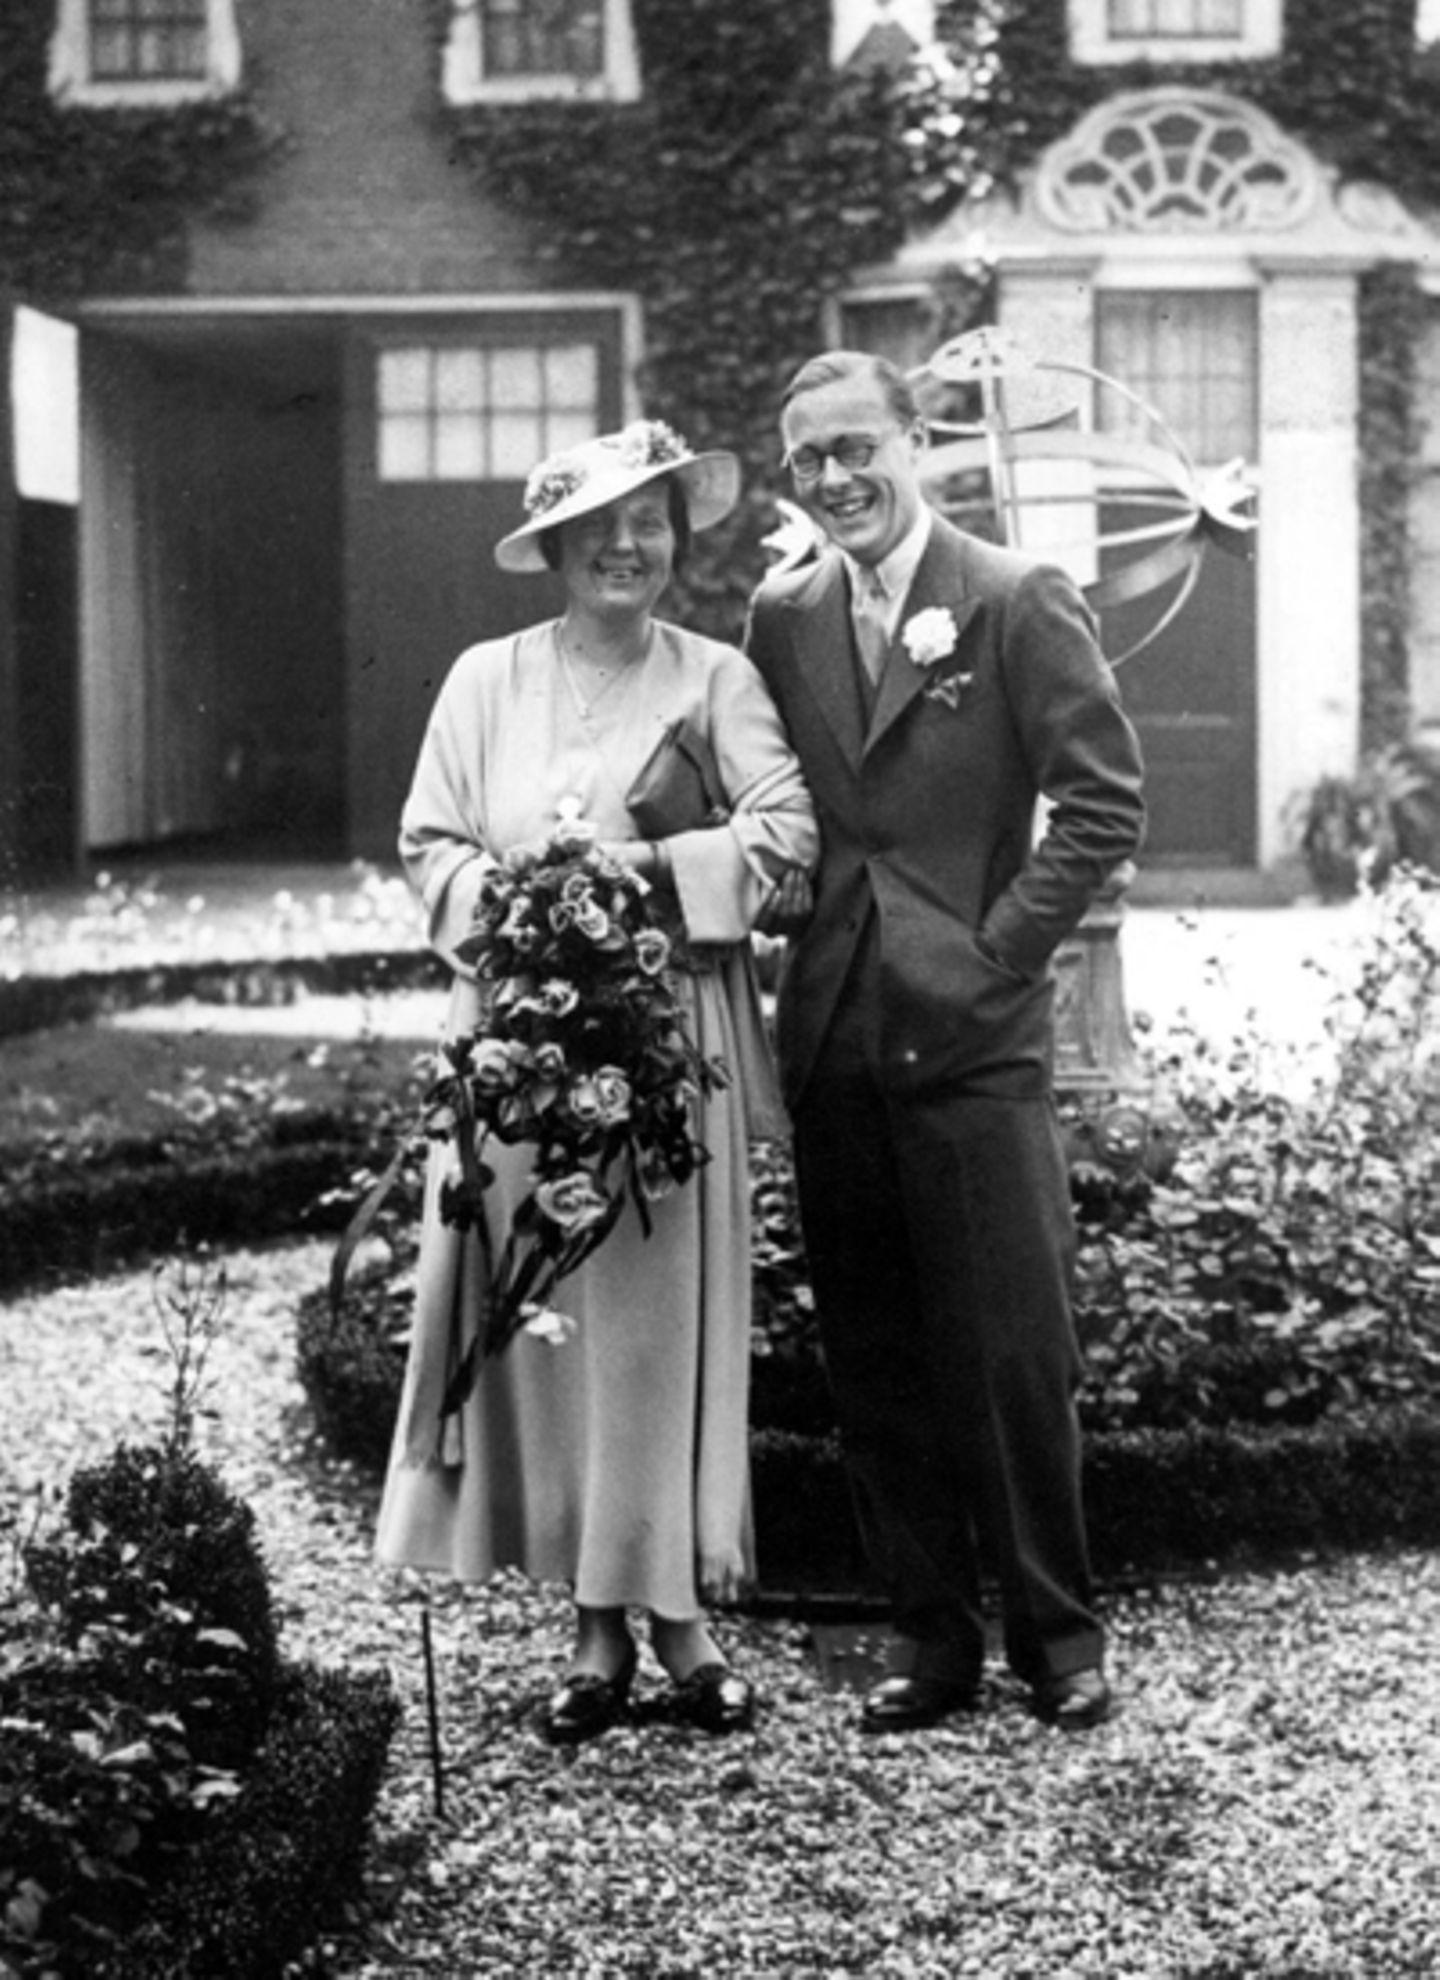 8. September 1936: Königin Juliana der Niederlande und Prinz Bernhard zur Lippe Bisterfeld